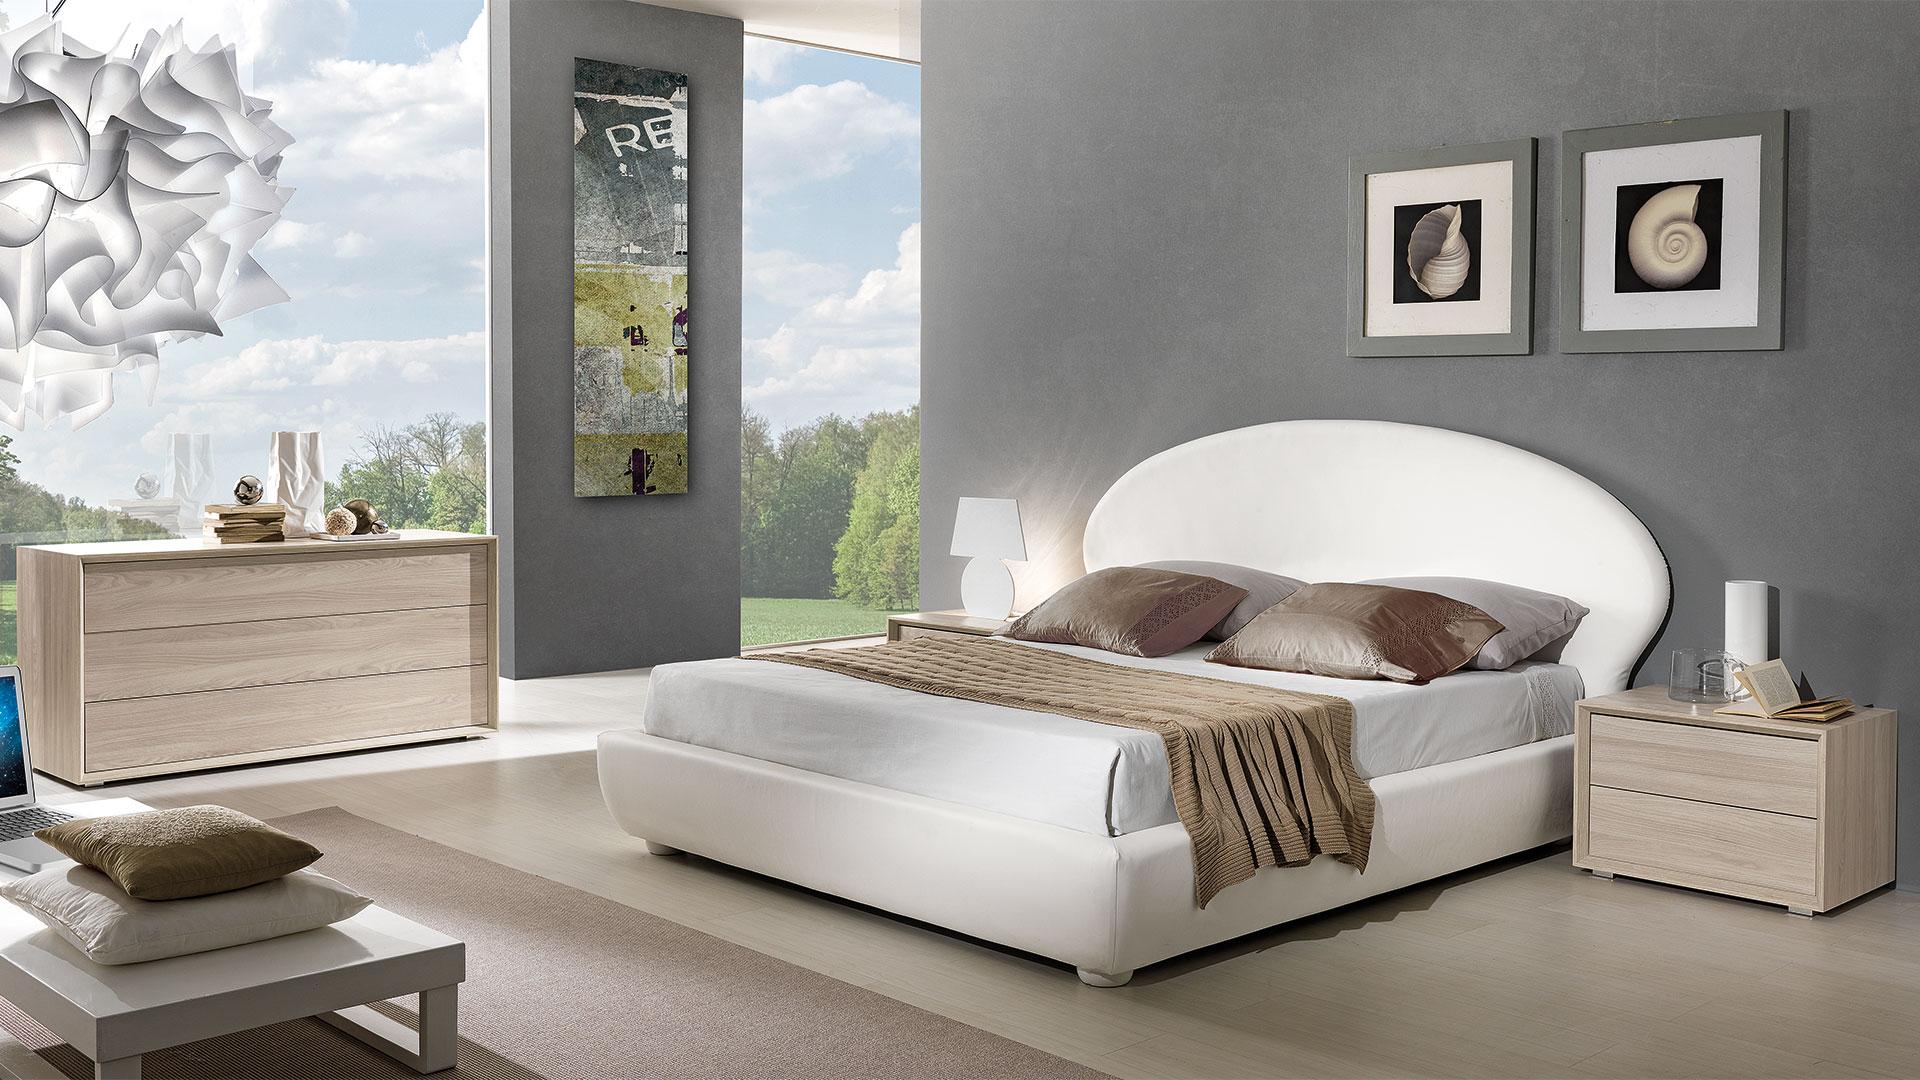 Camere Da Letto Blue Moon : Camere da letto soluzioni vivere la casa